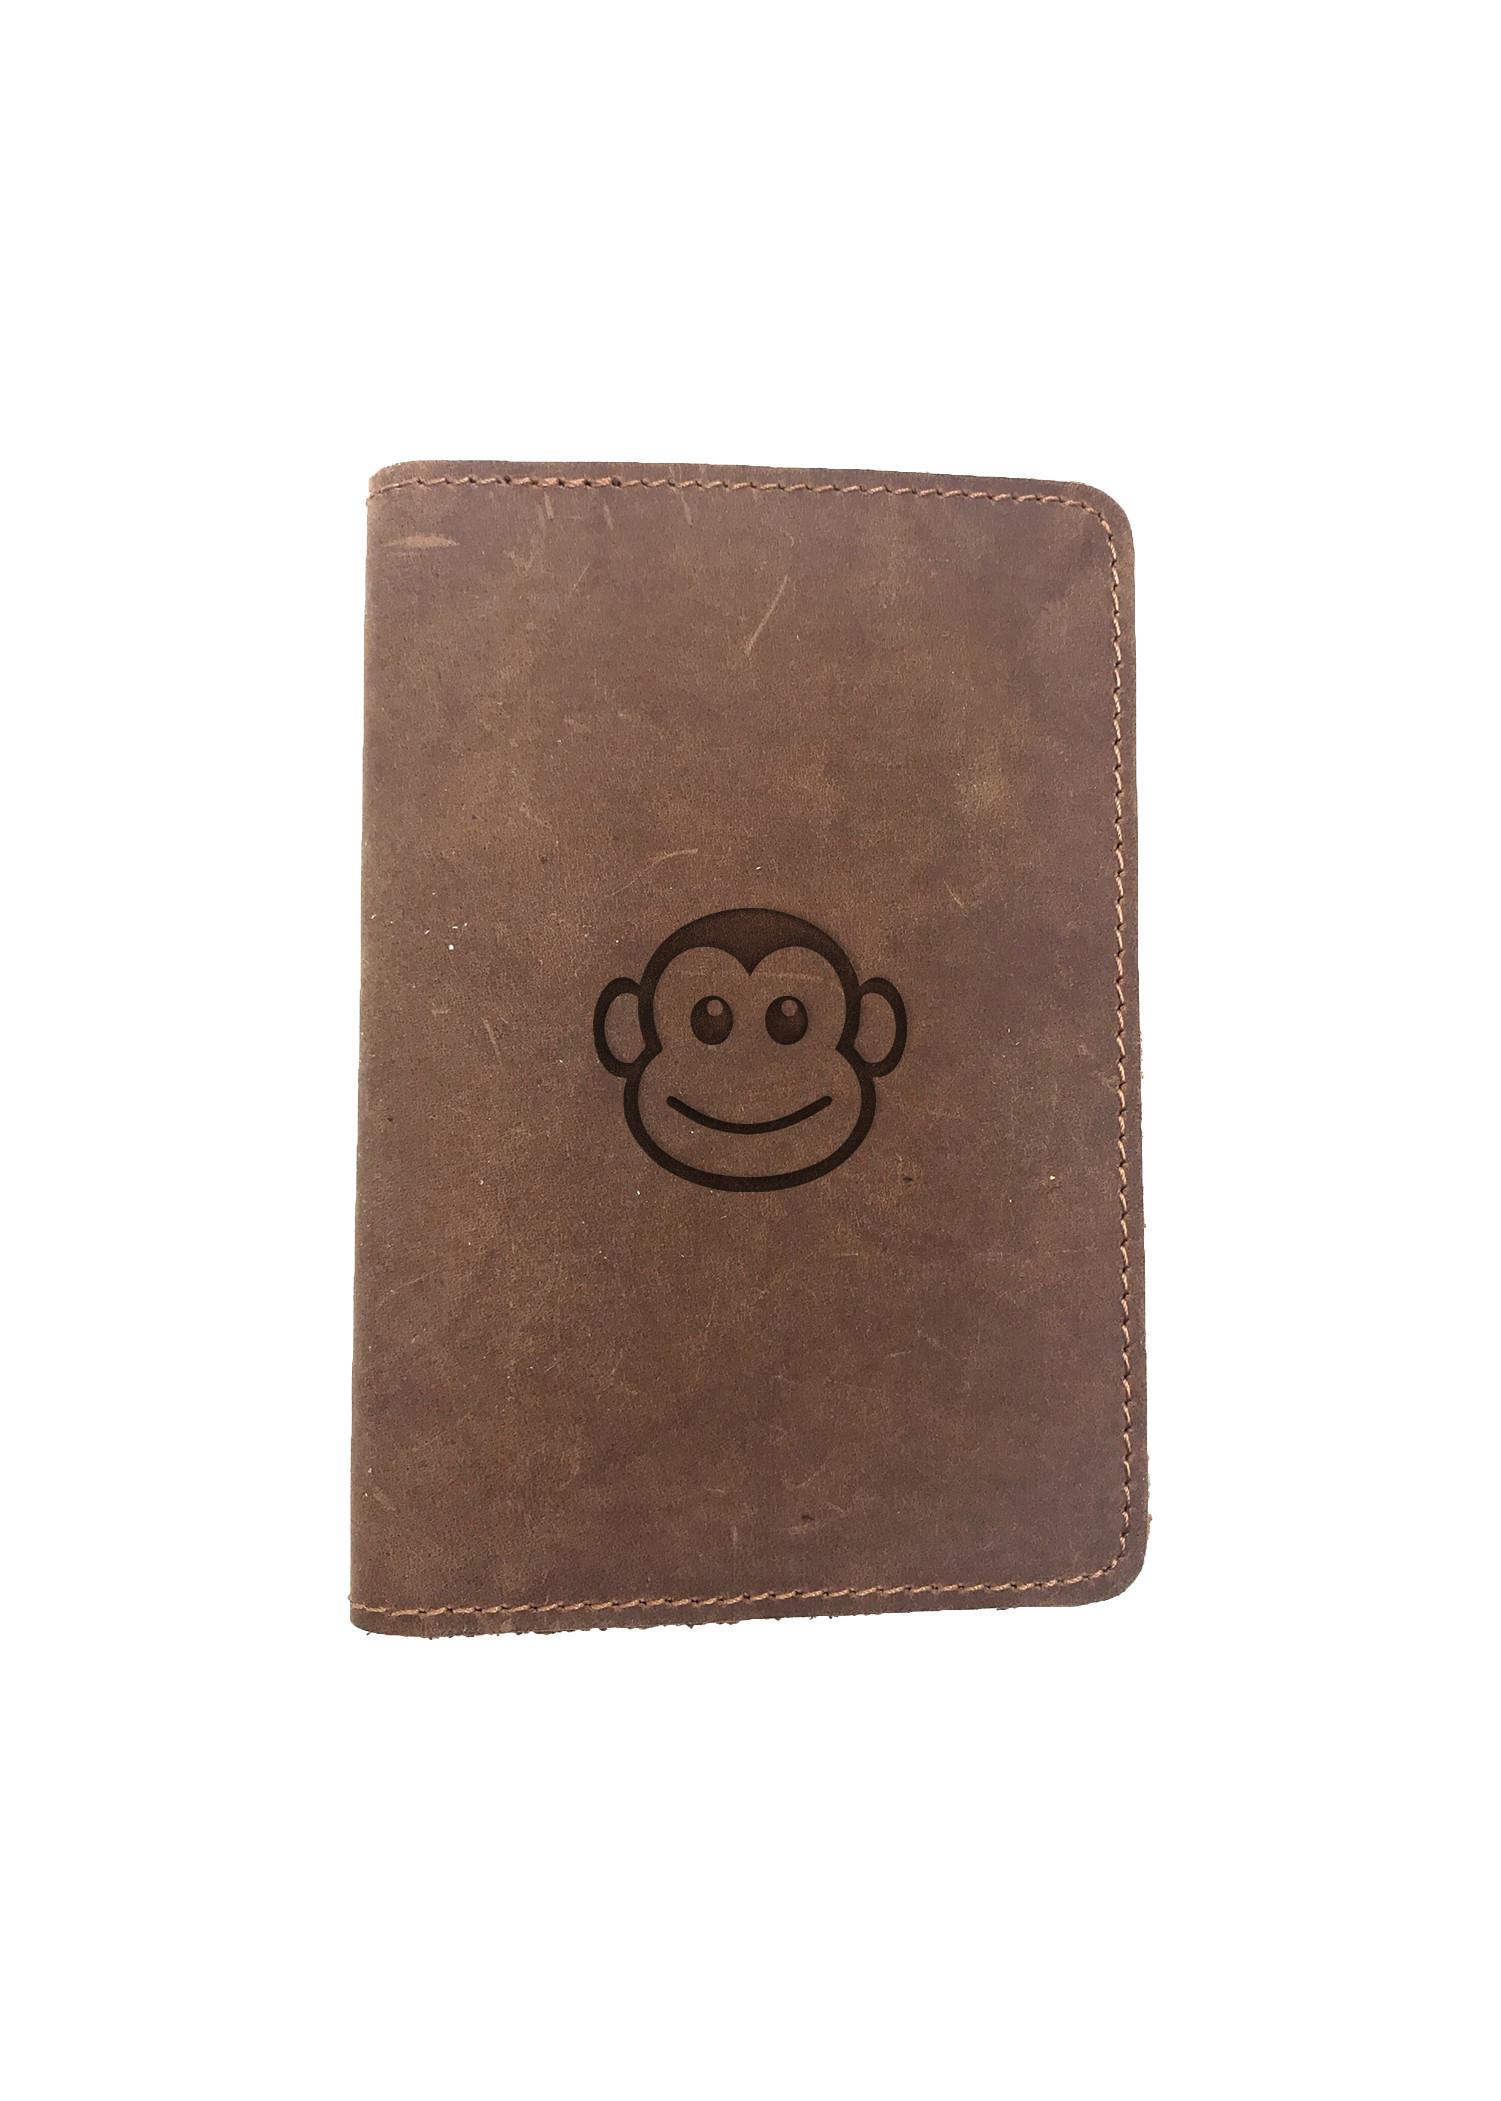 Passport Cover Bao Da Hộ Chiếu Da Sáp Khắc Hình Khỉ SUPER CUTE MONKEY FACE (BROWN)